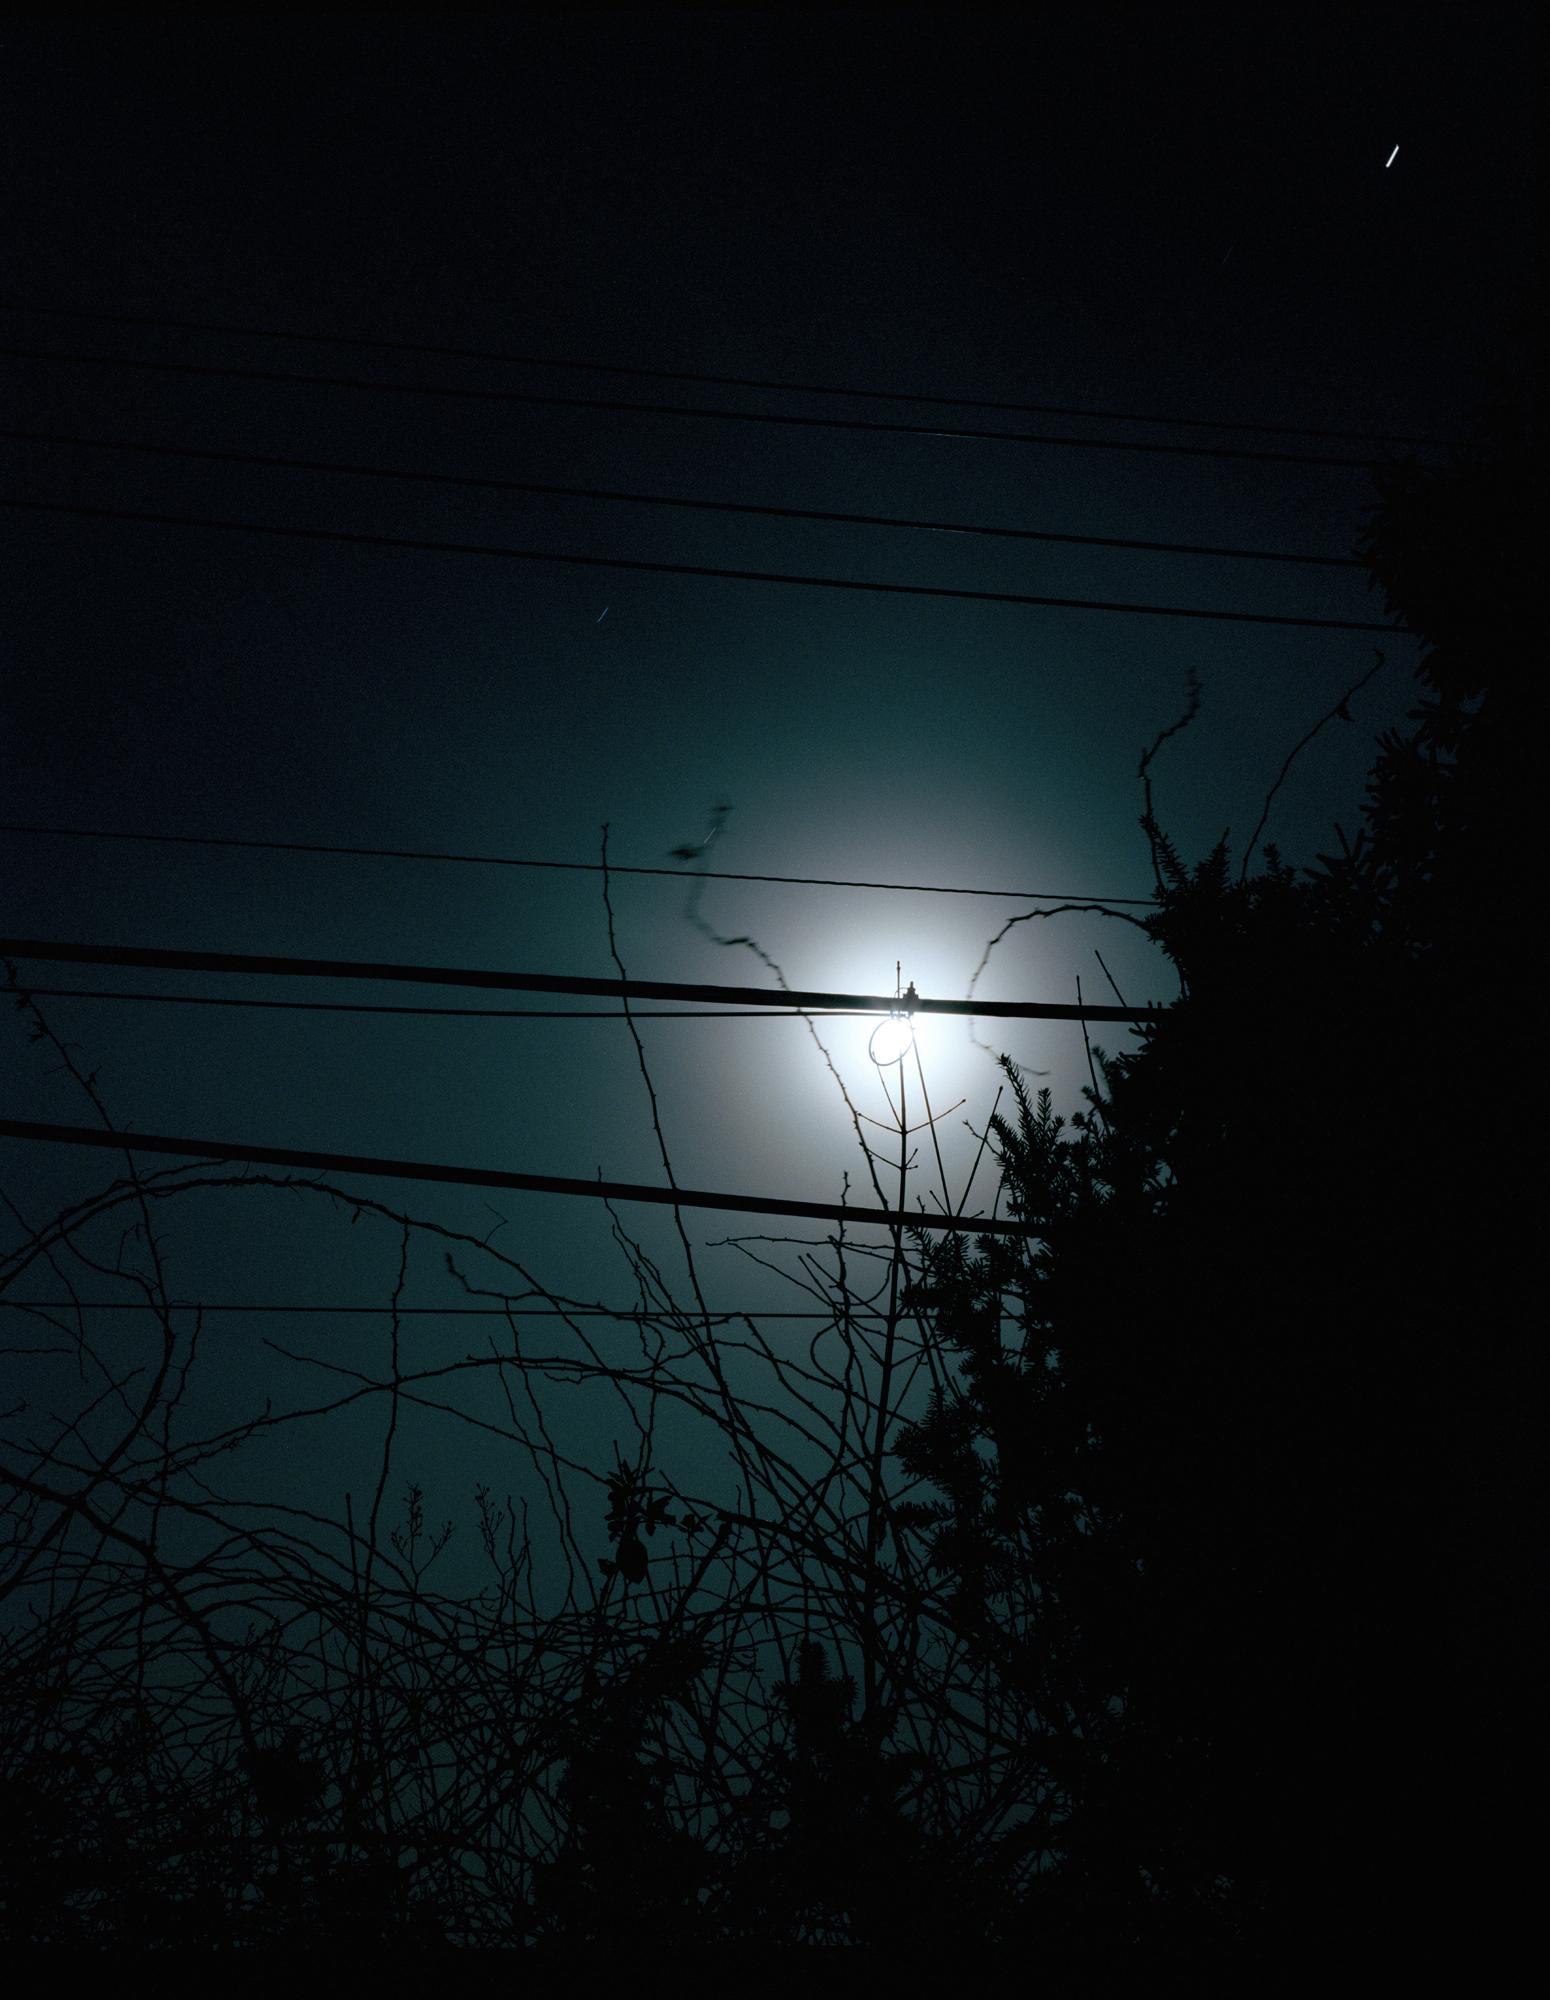 Moon_phone lines s.jpg